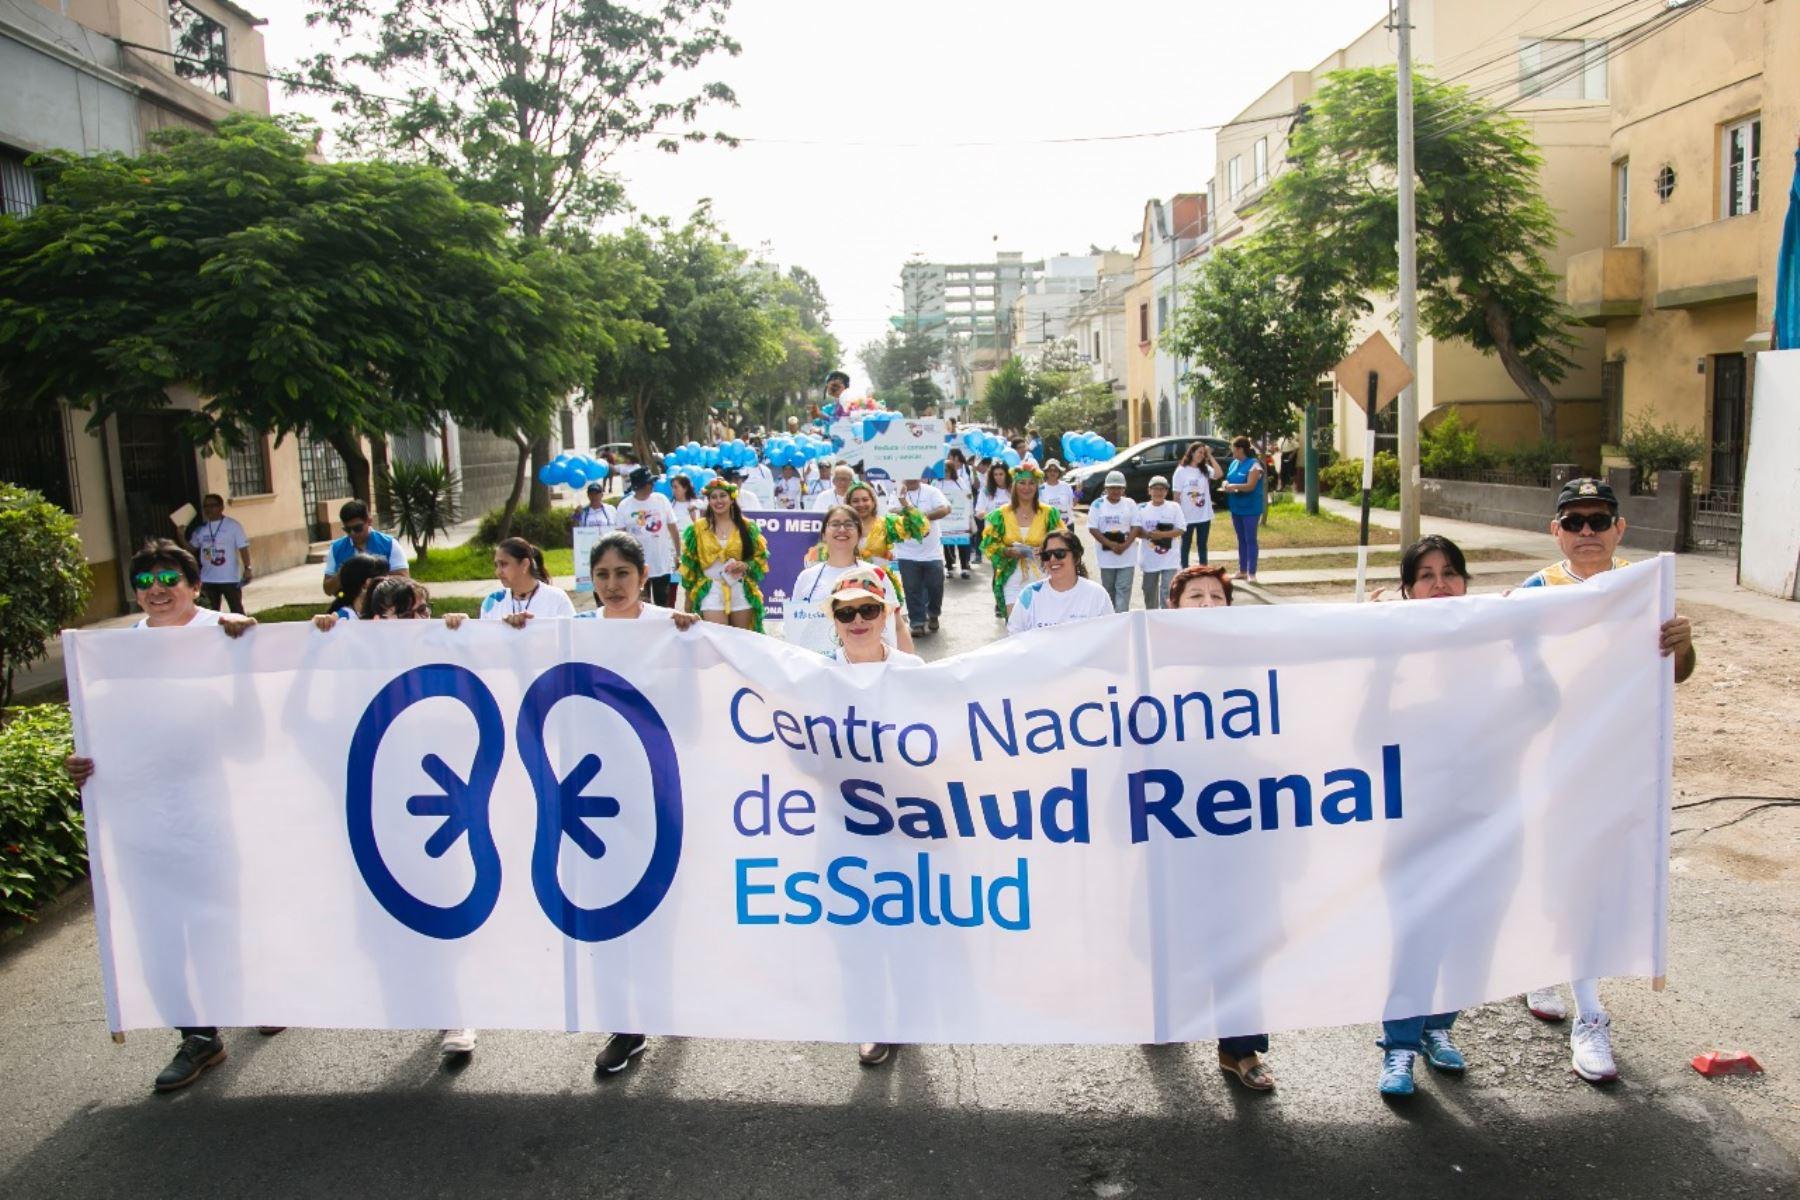 En el marco del Día Mundial del Riñón, el Centro Nacional de Salud Renal de EsSalud realizó una caravana de la salud. Foto: EsSalud